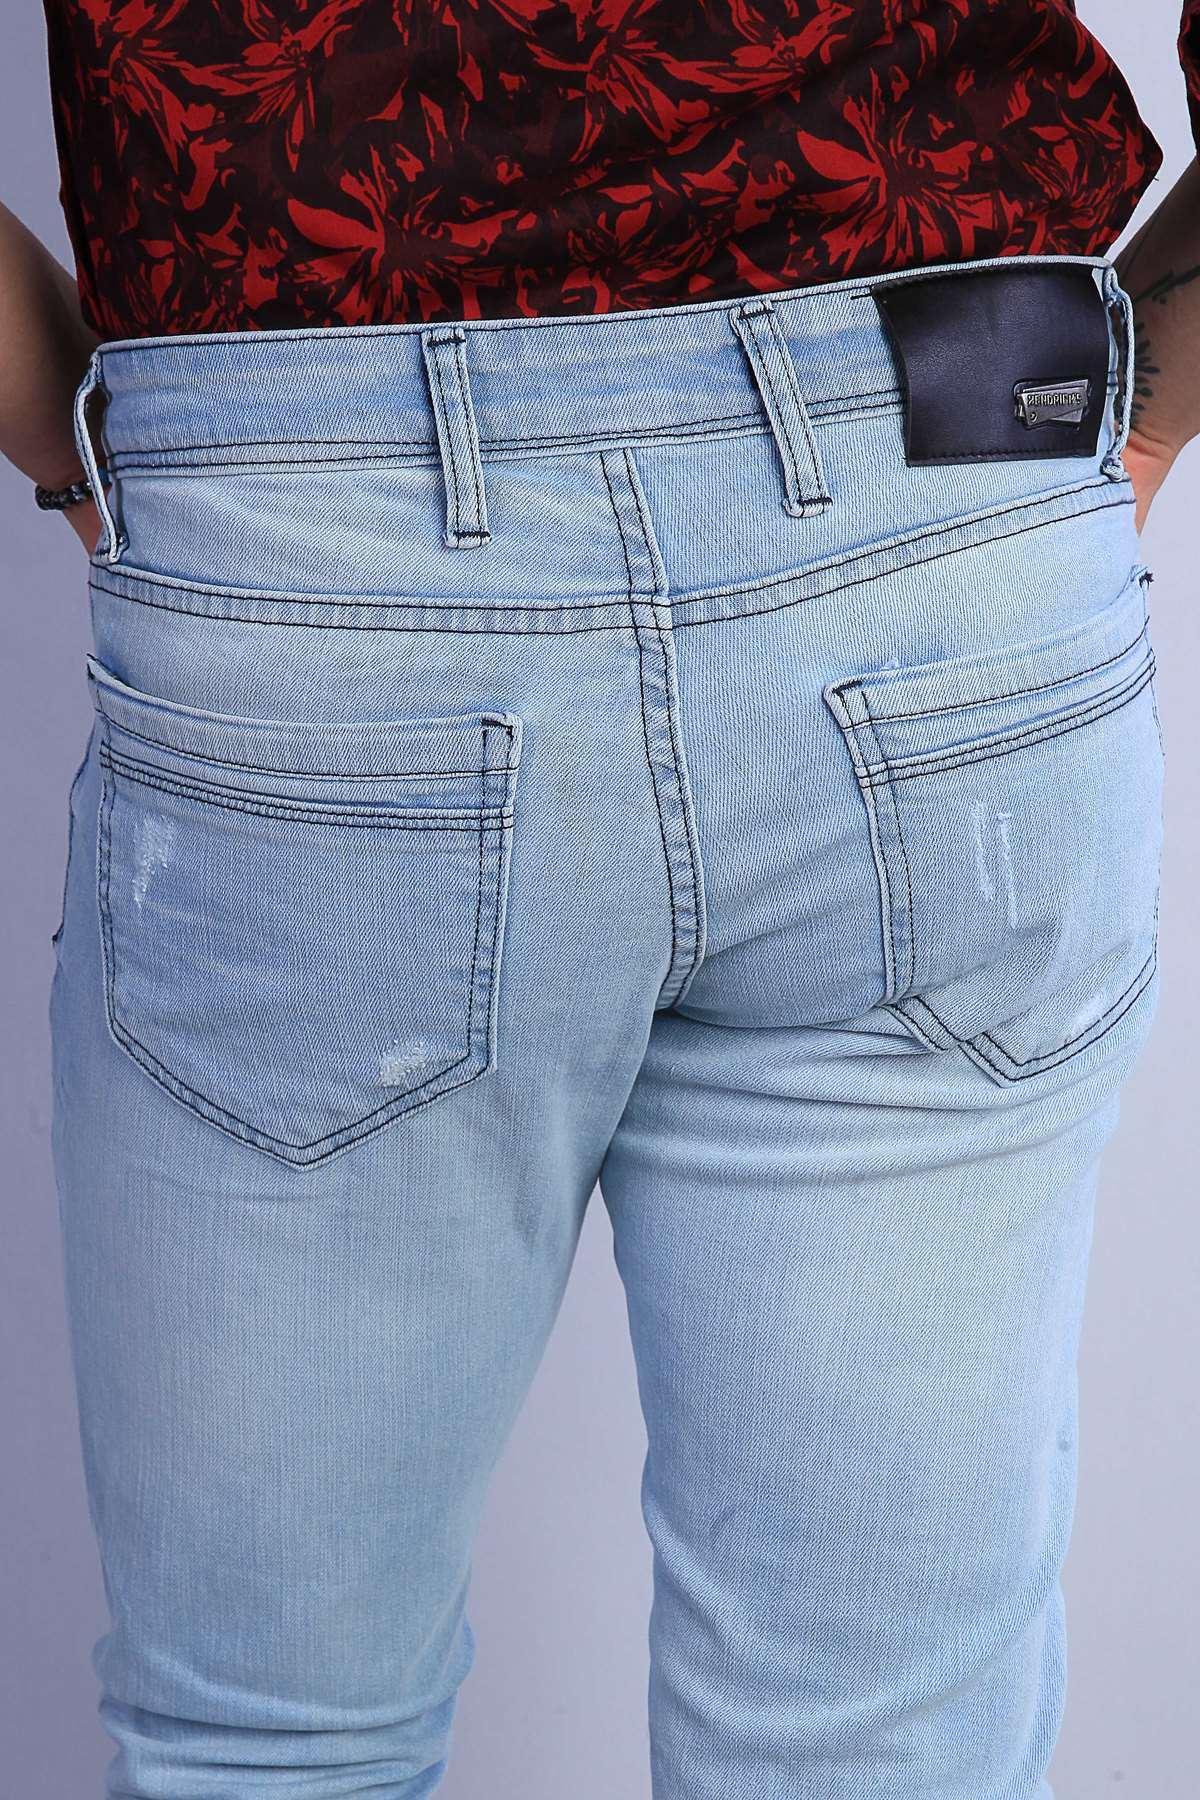 Lazer Yırtıklı İp Yamalı Slim Fit Kot Pantolon Açık-Mavi